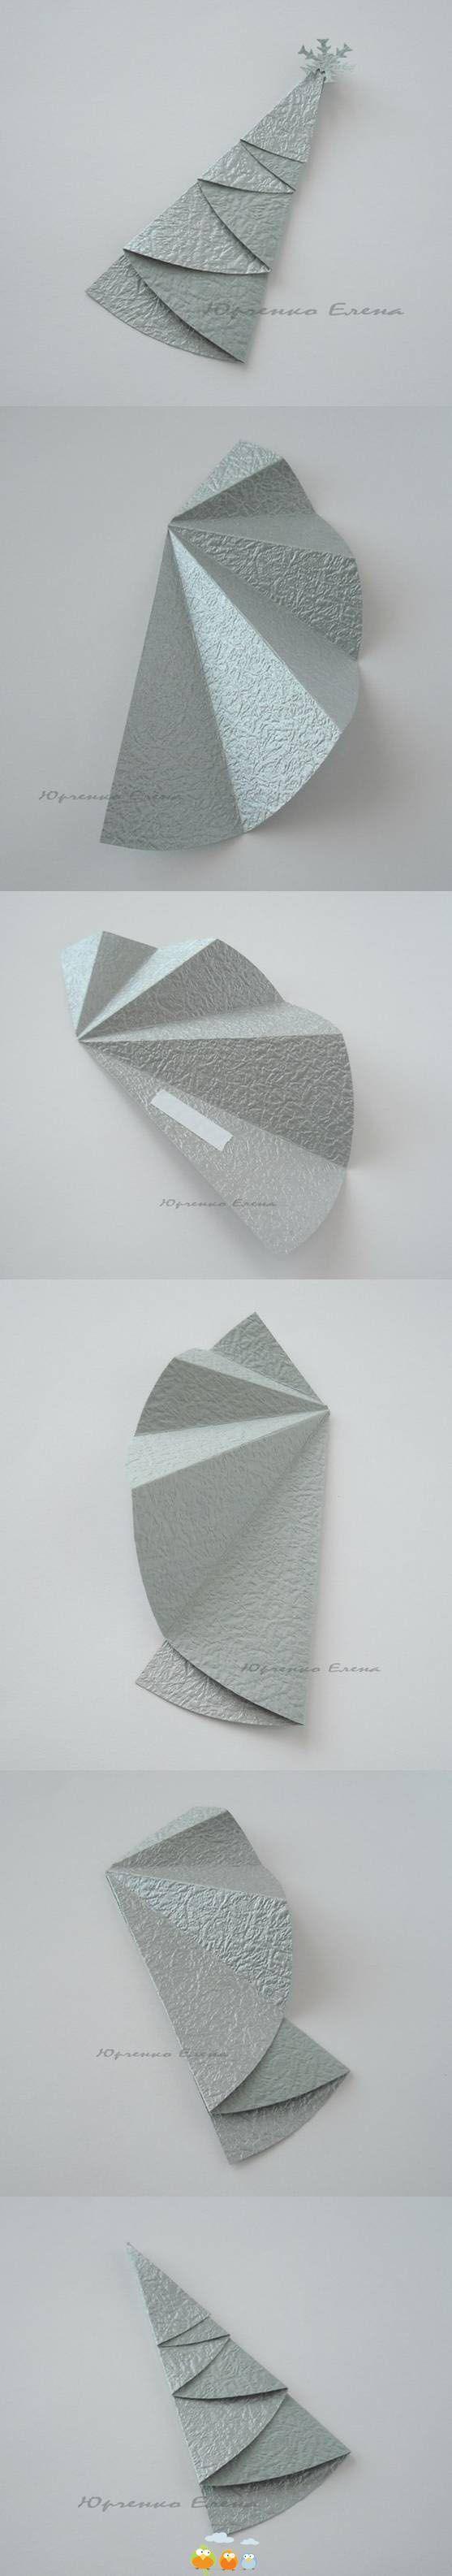 Origami Christmas tree: